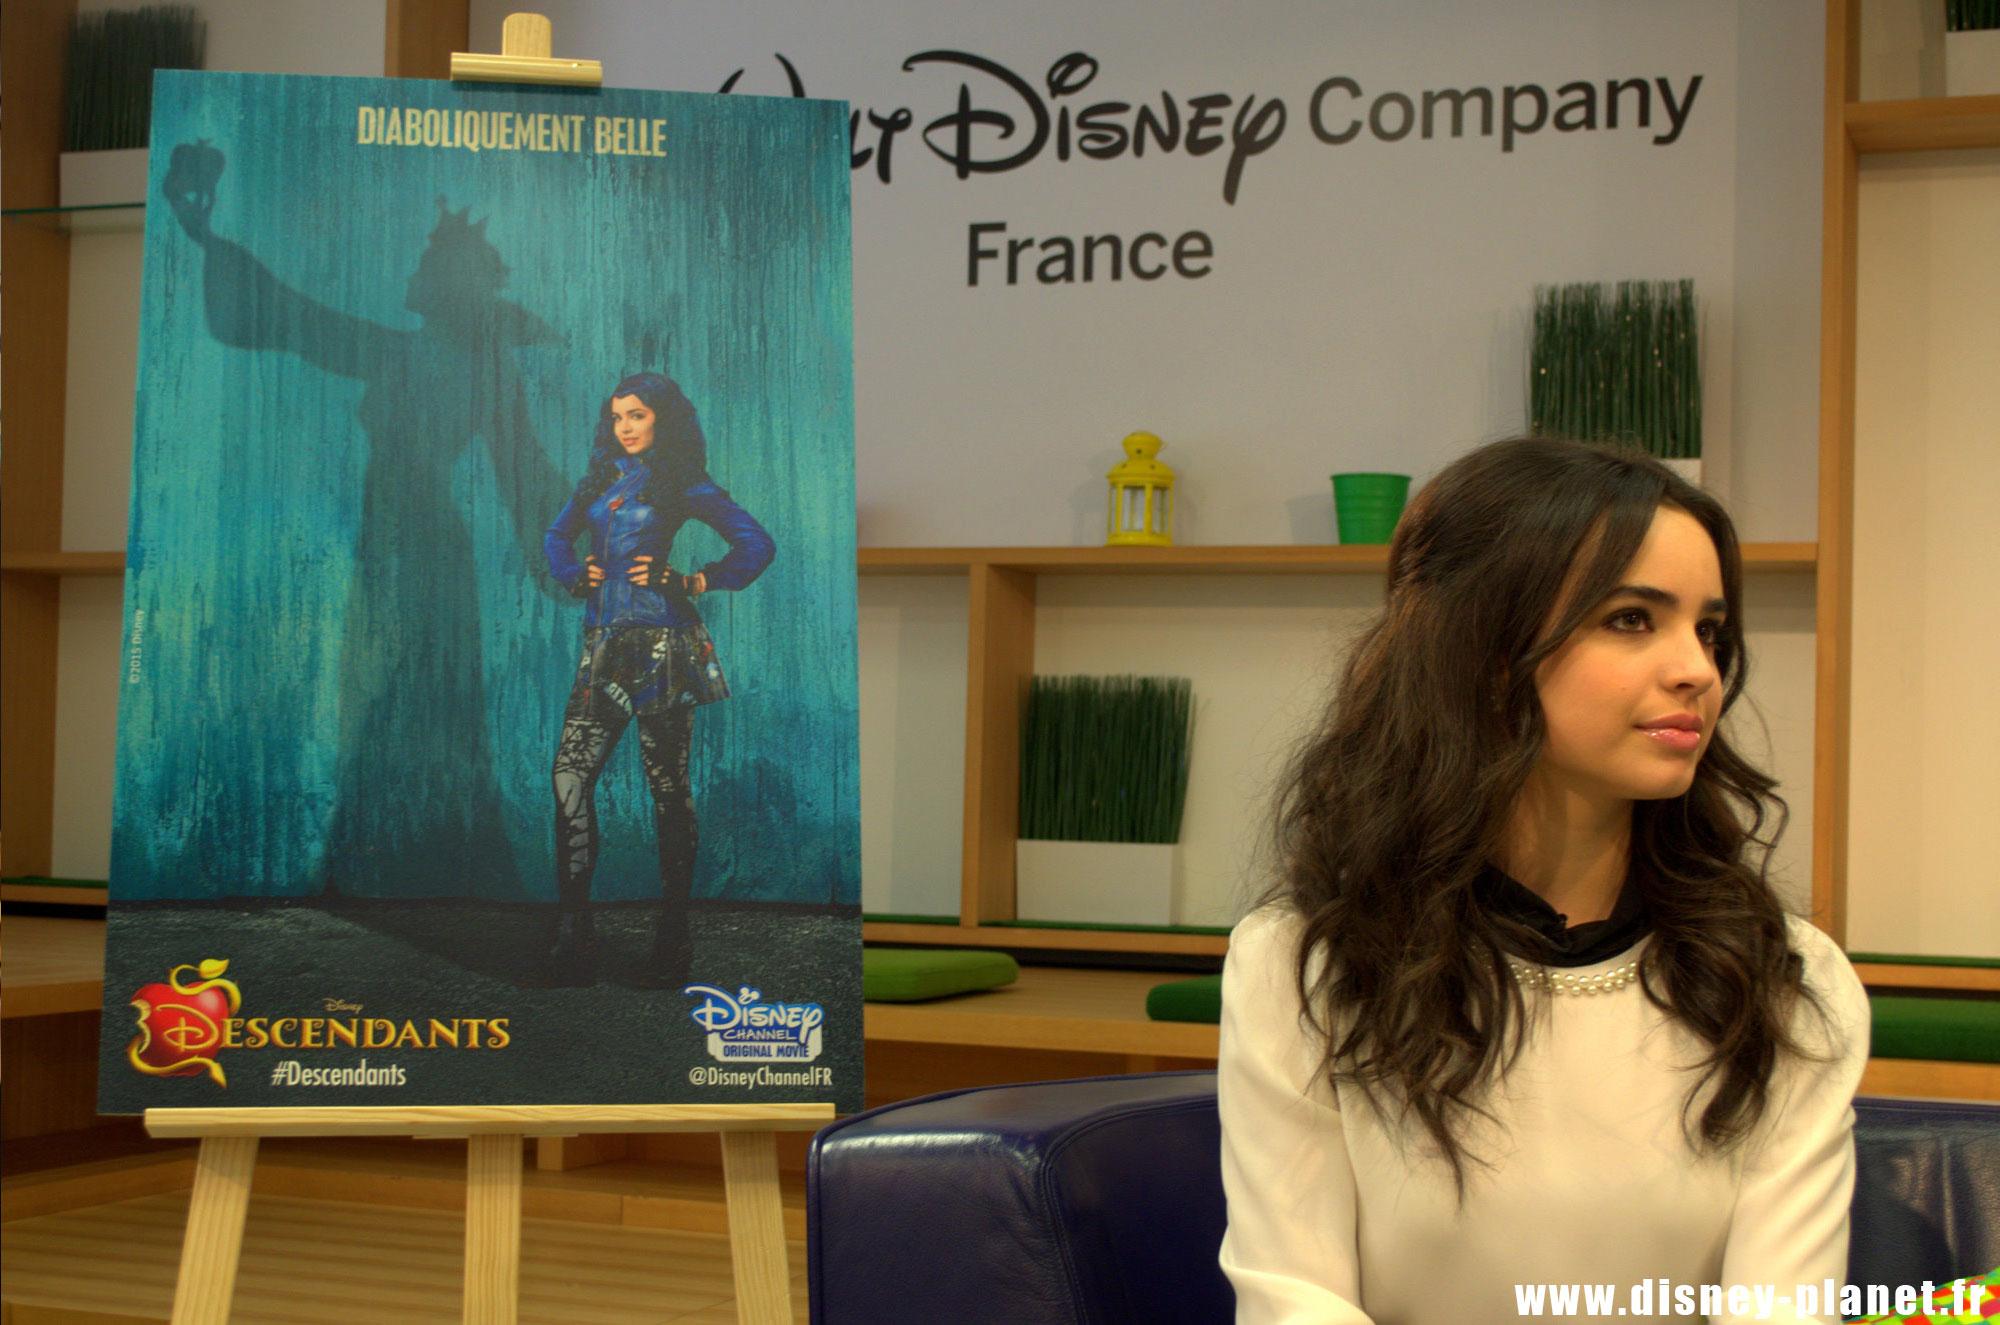 Disney Sofia Carson Descendants channel original movies